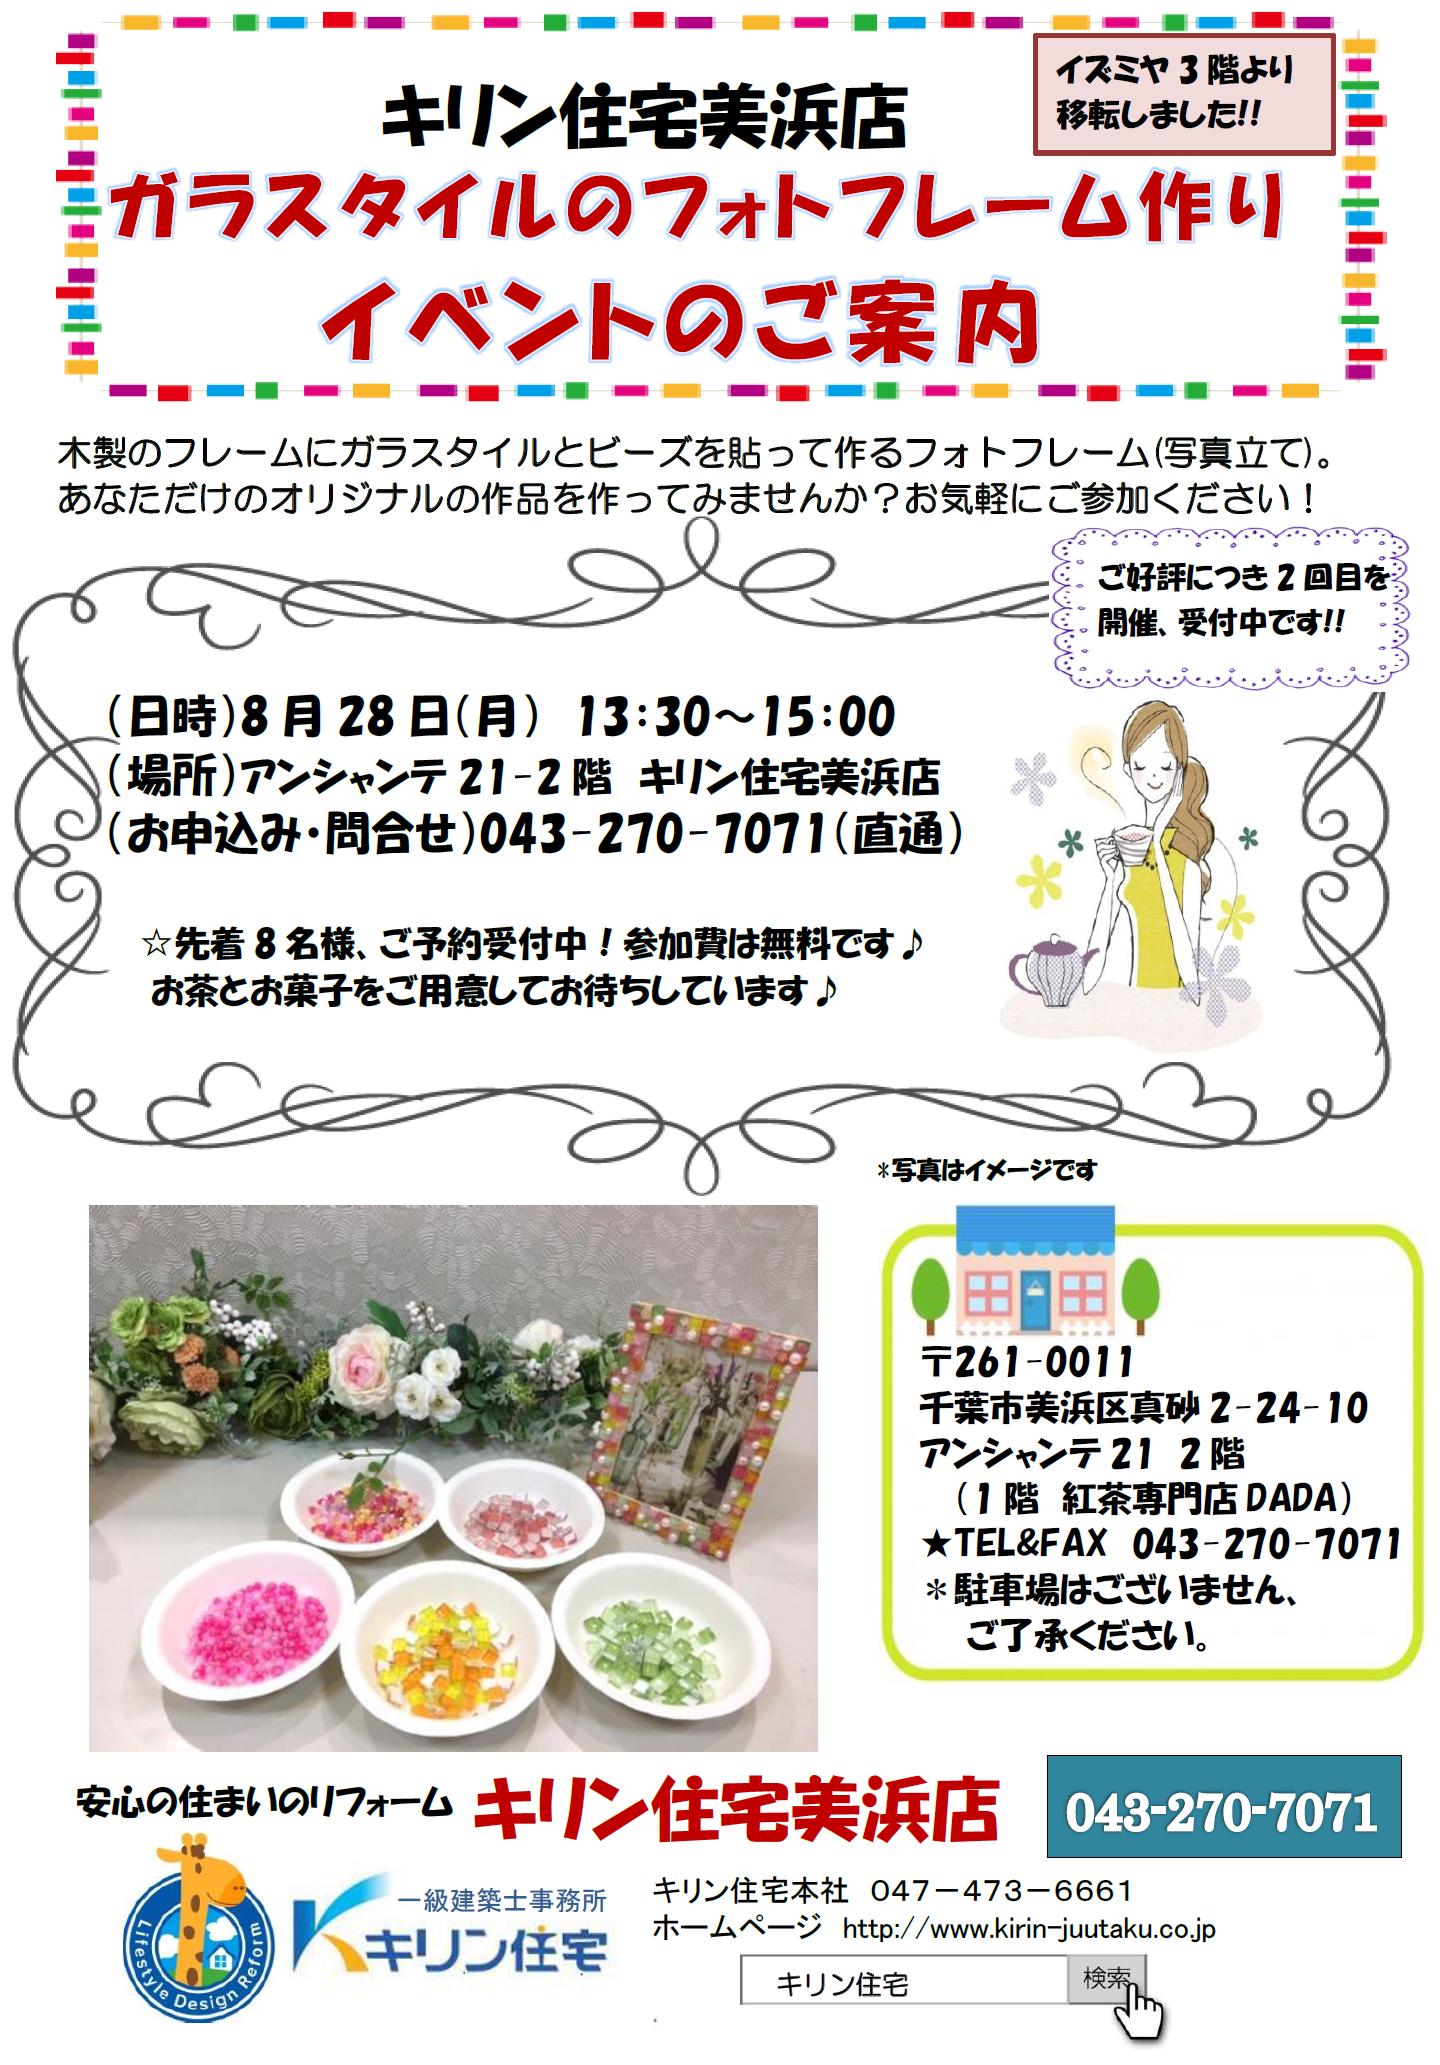 キリン住宅美浜店◆ガラスタイルのフォトフレーム作りイベント第2弾